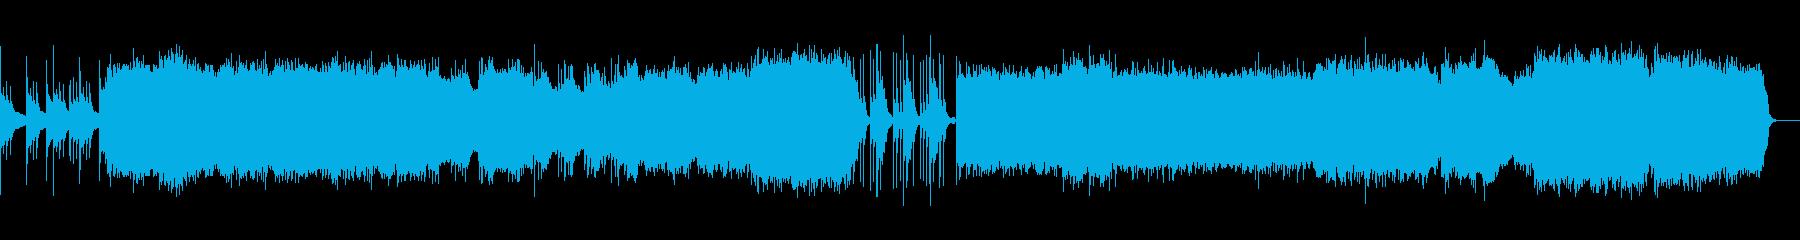 水槽をテーマにした透明感のある音楽の再生済みの波形